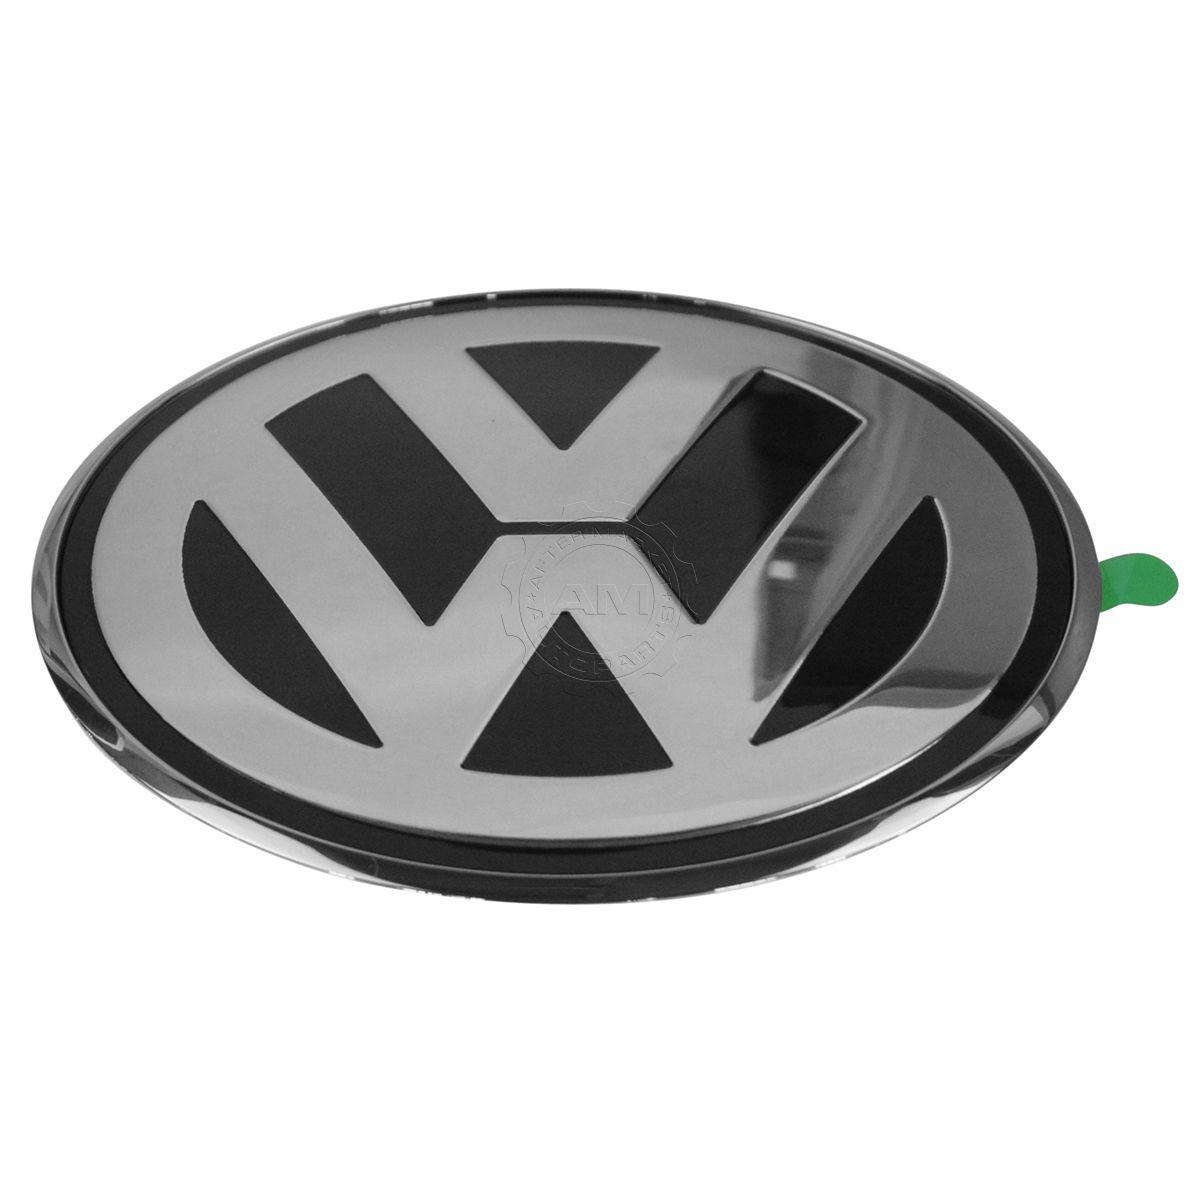 oem emblem nameplate chrome black rear trunk mounted for 98 05 vw beetle ebay. Black Bedroom Furniture Sets. Home Design Ideas